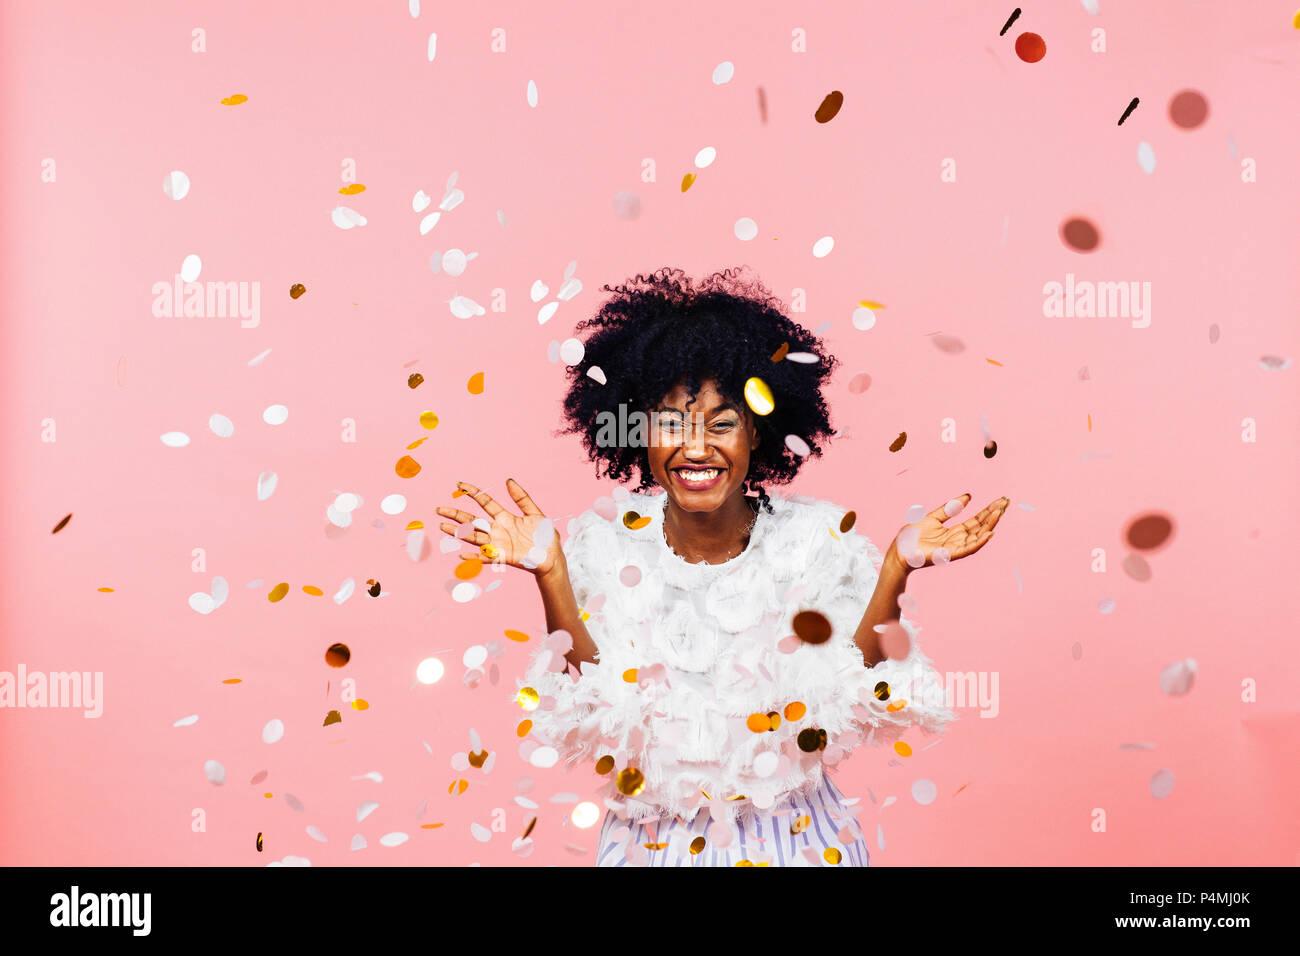 Célébrer le bonheur, la jeune femme avec un grand sourire jetant confetti Photo Stock